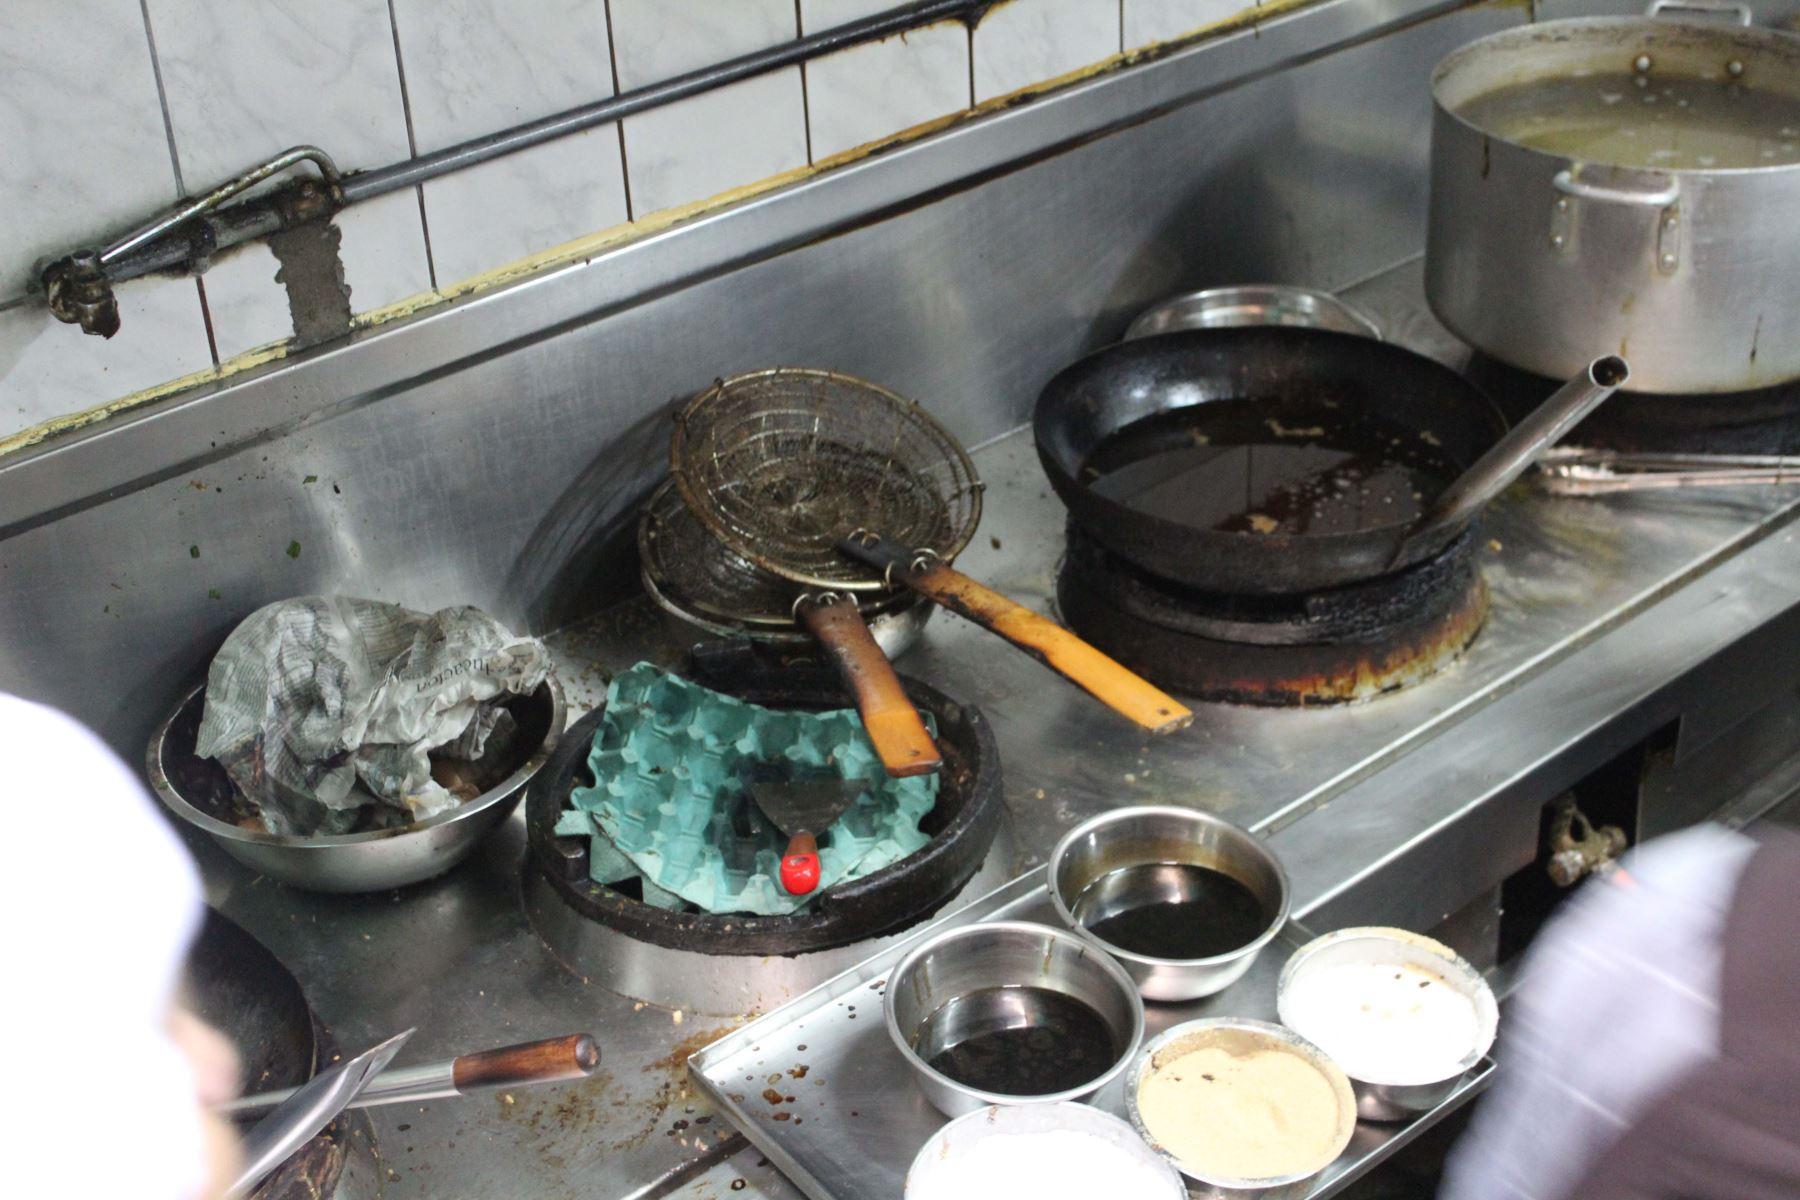 Por falta de higiene clausuran chifa y pollería en Los Olivos. Foto: Difusión